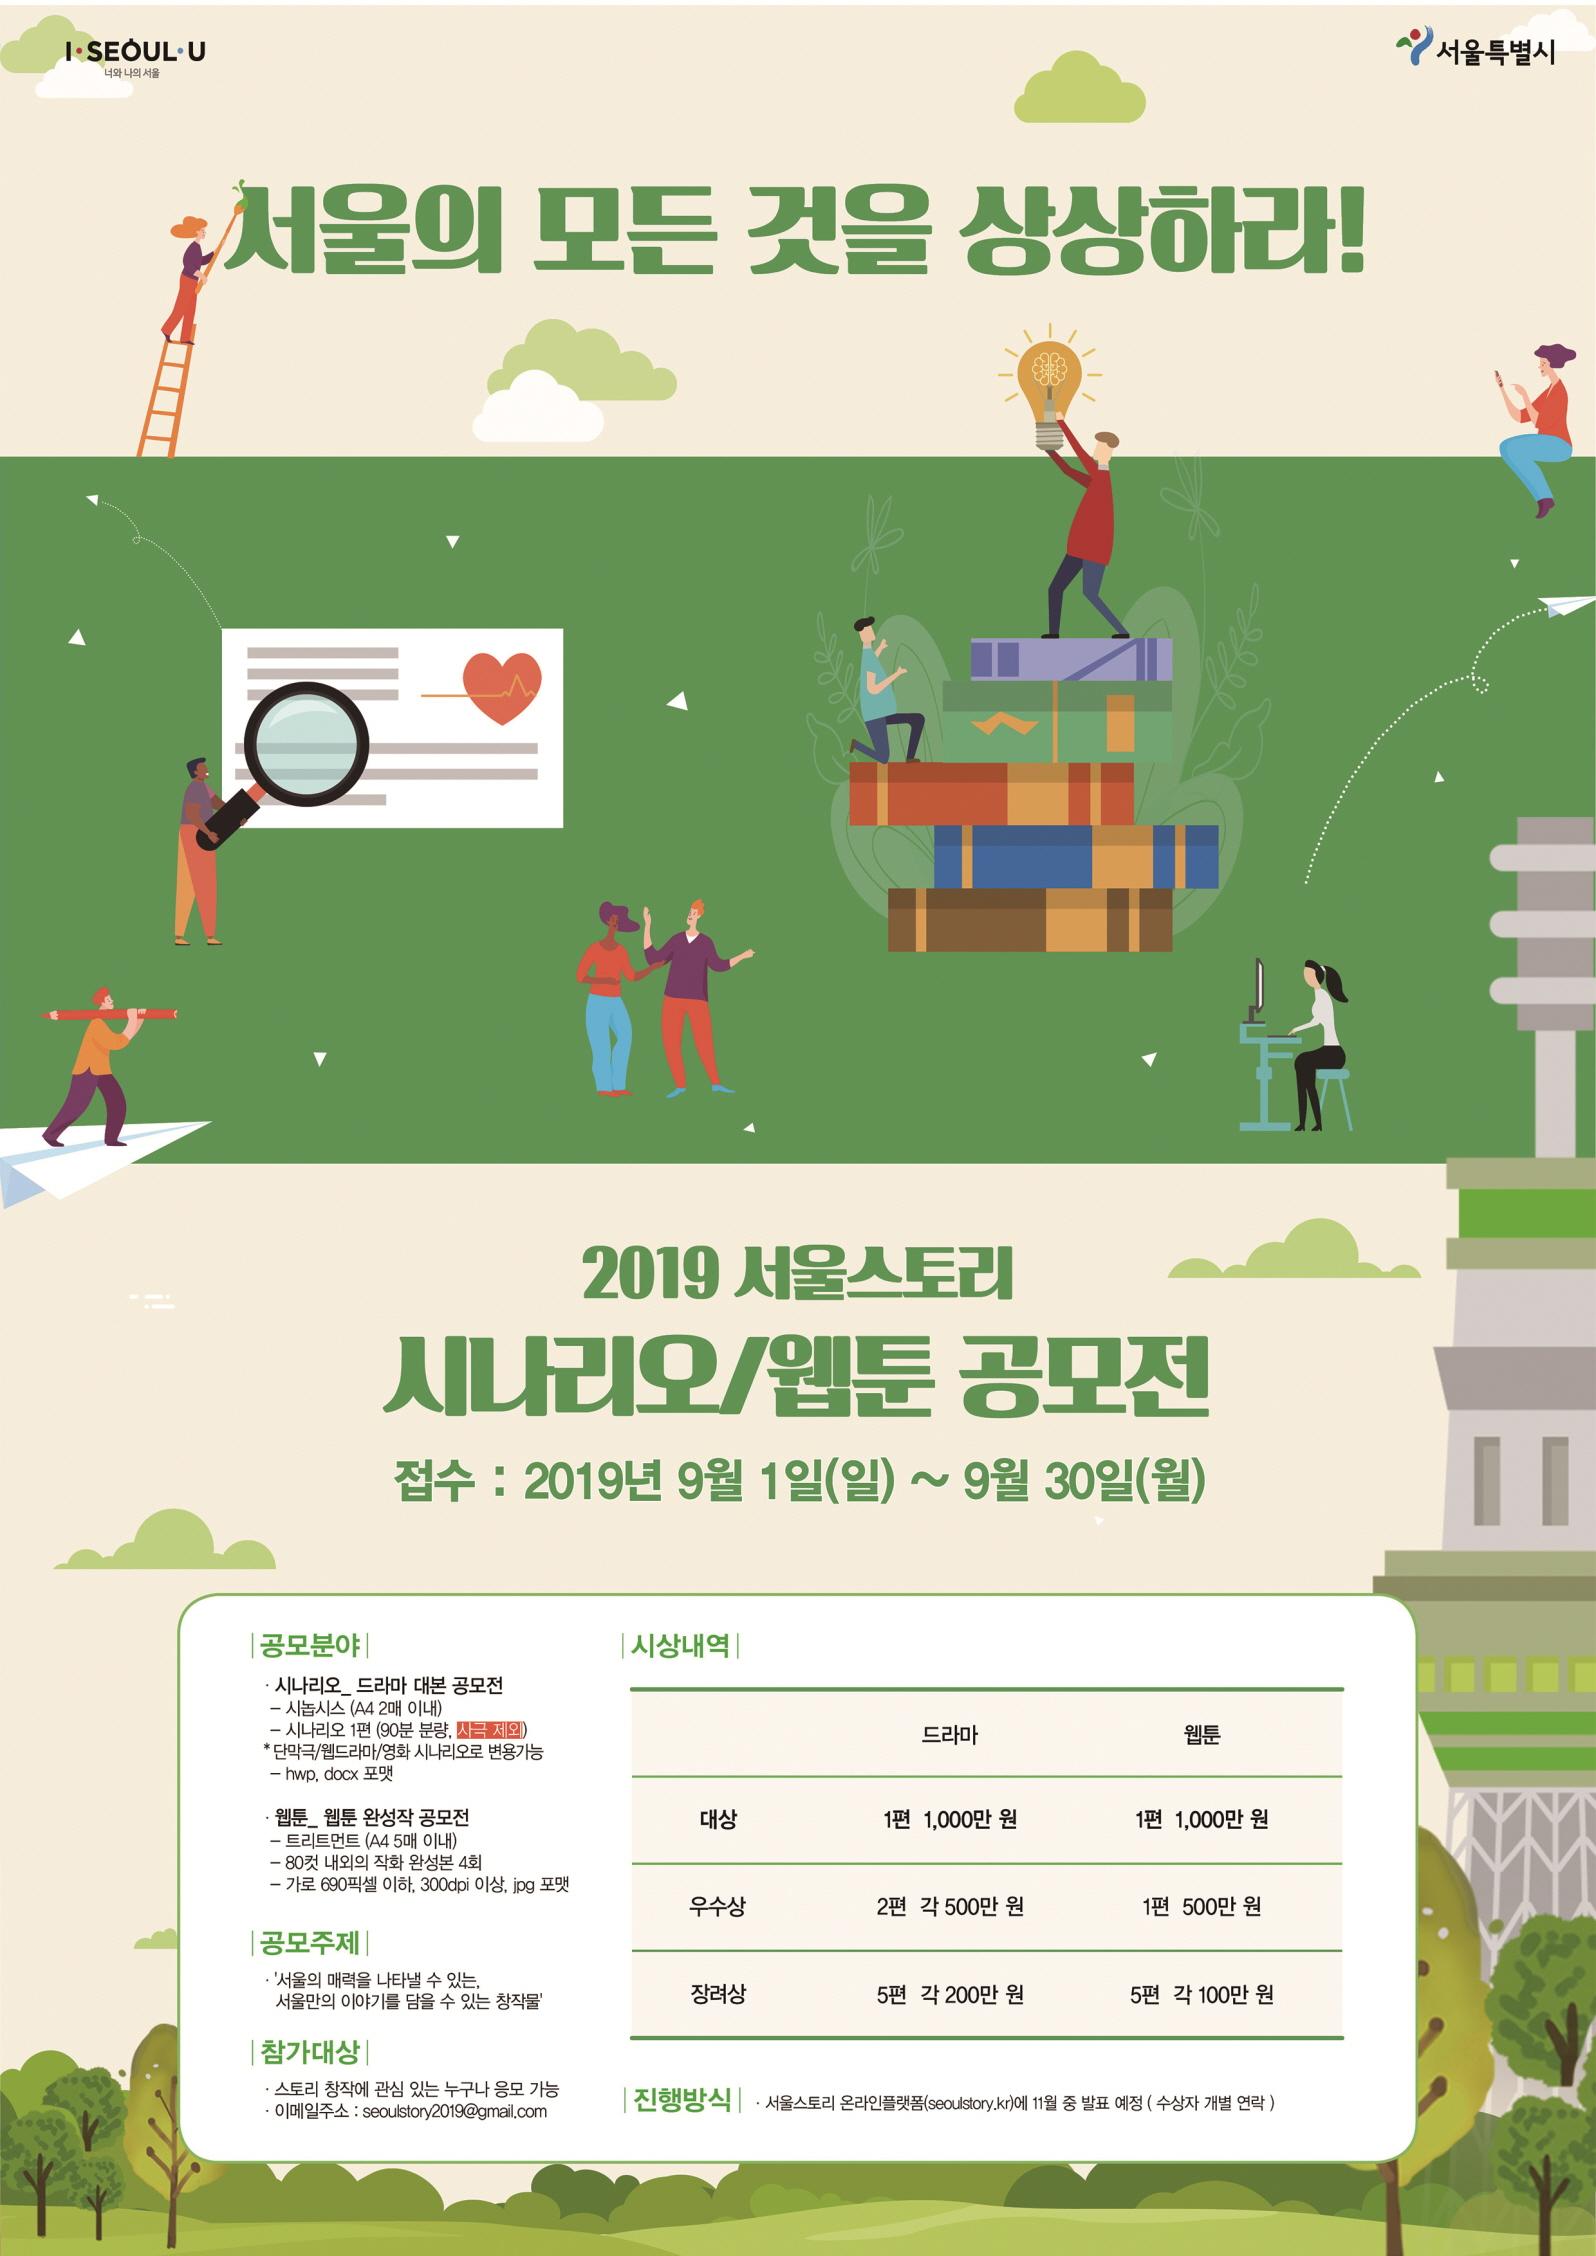 2019 제 3회 서울스토리 시나리오/웹툰 공모전